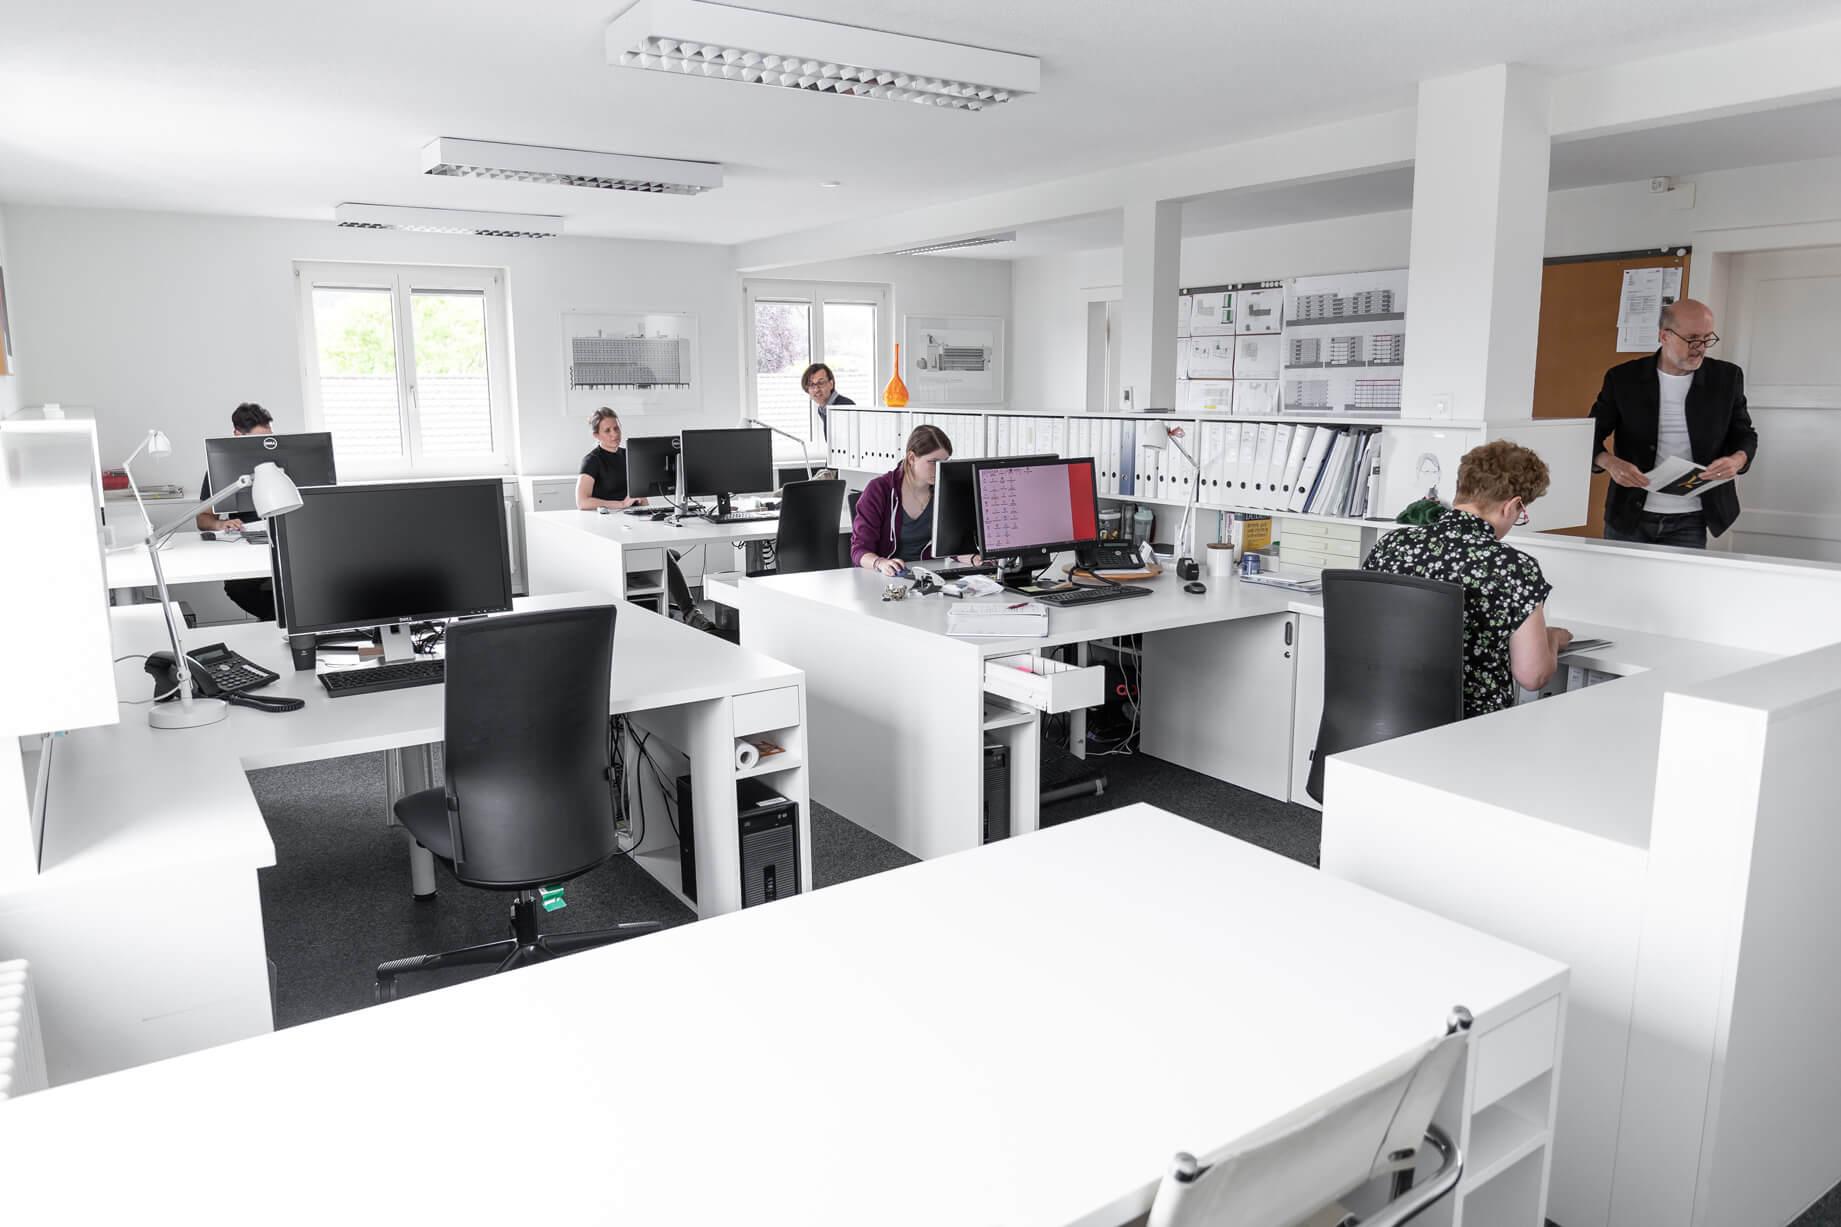 Das Büro der Architekten Knut und Christoph Lüscher